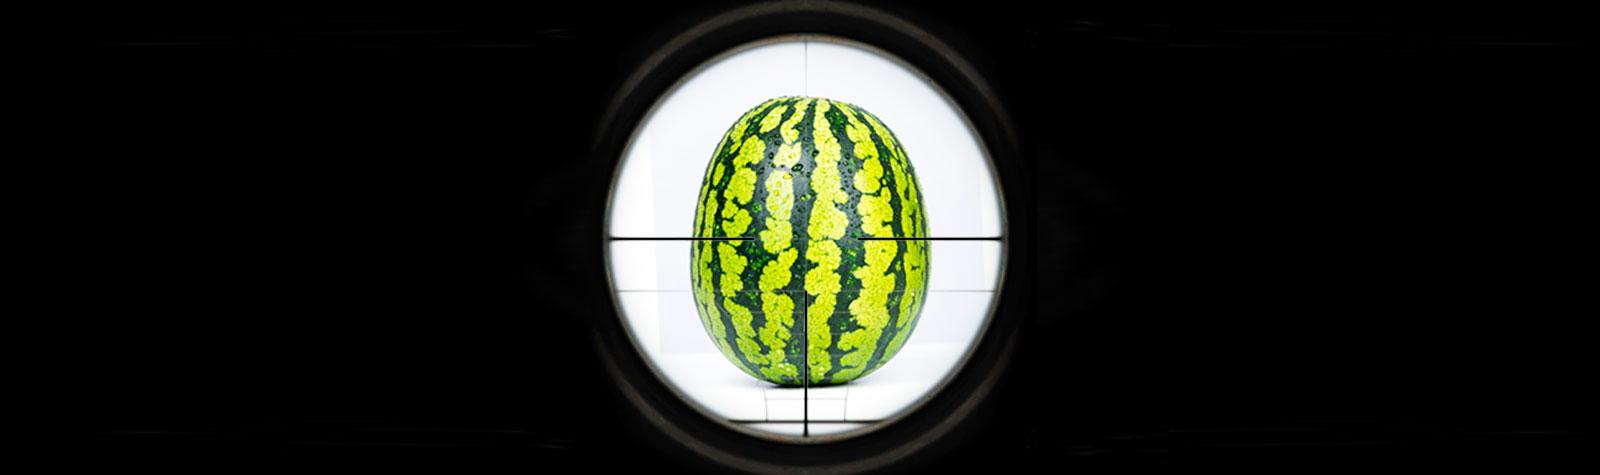 Como disparar a un melón